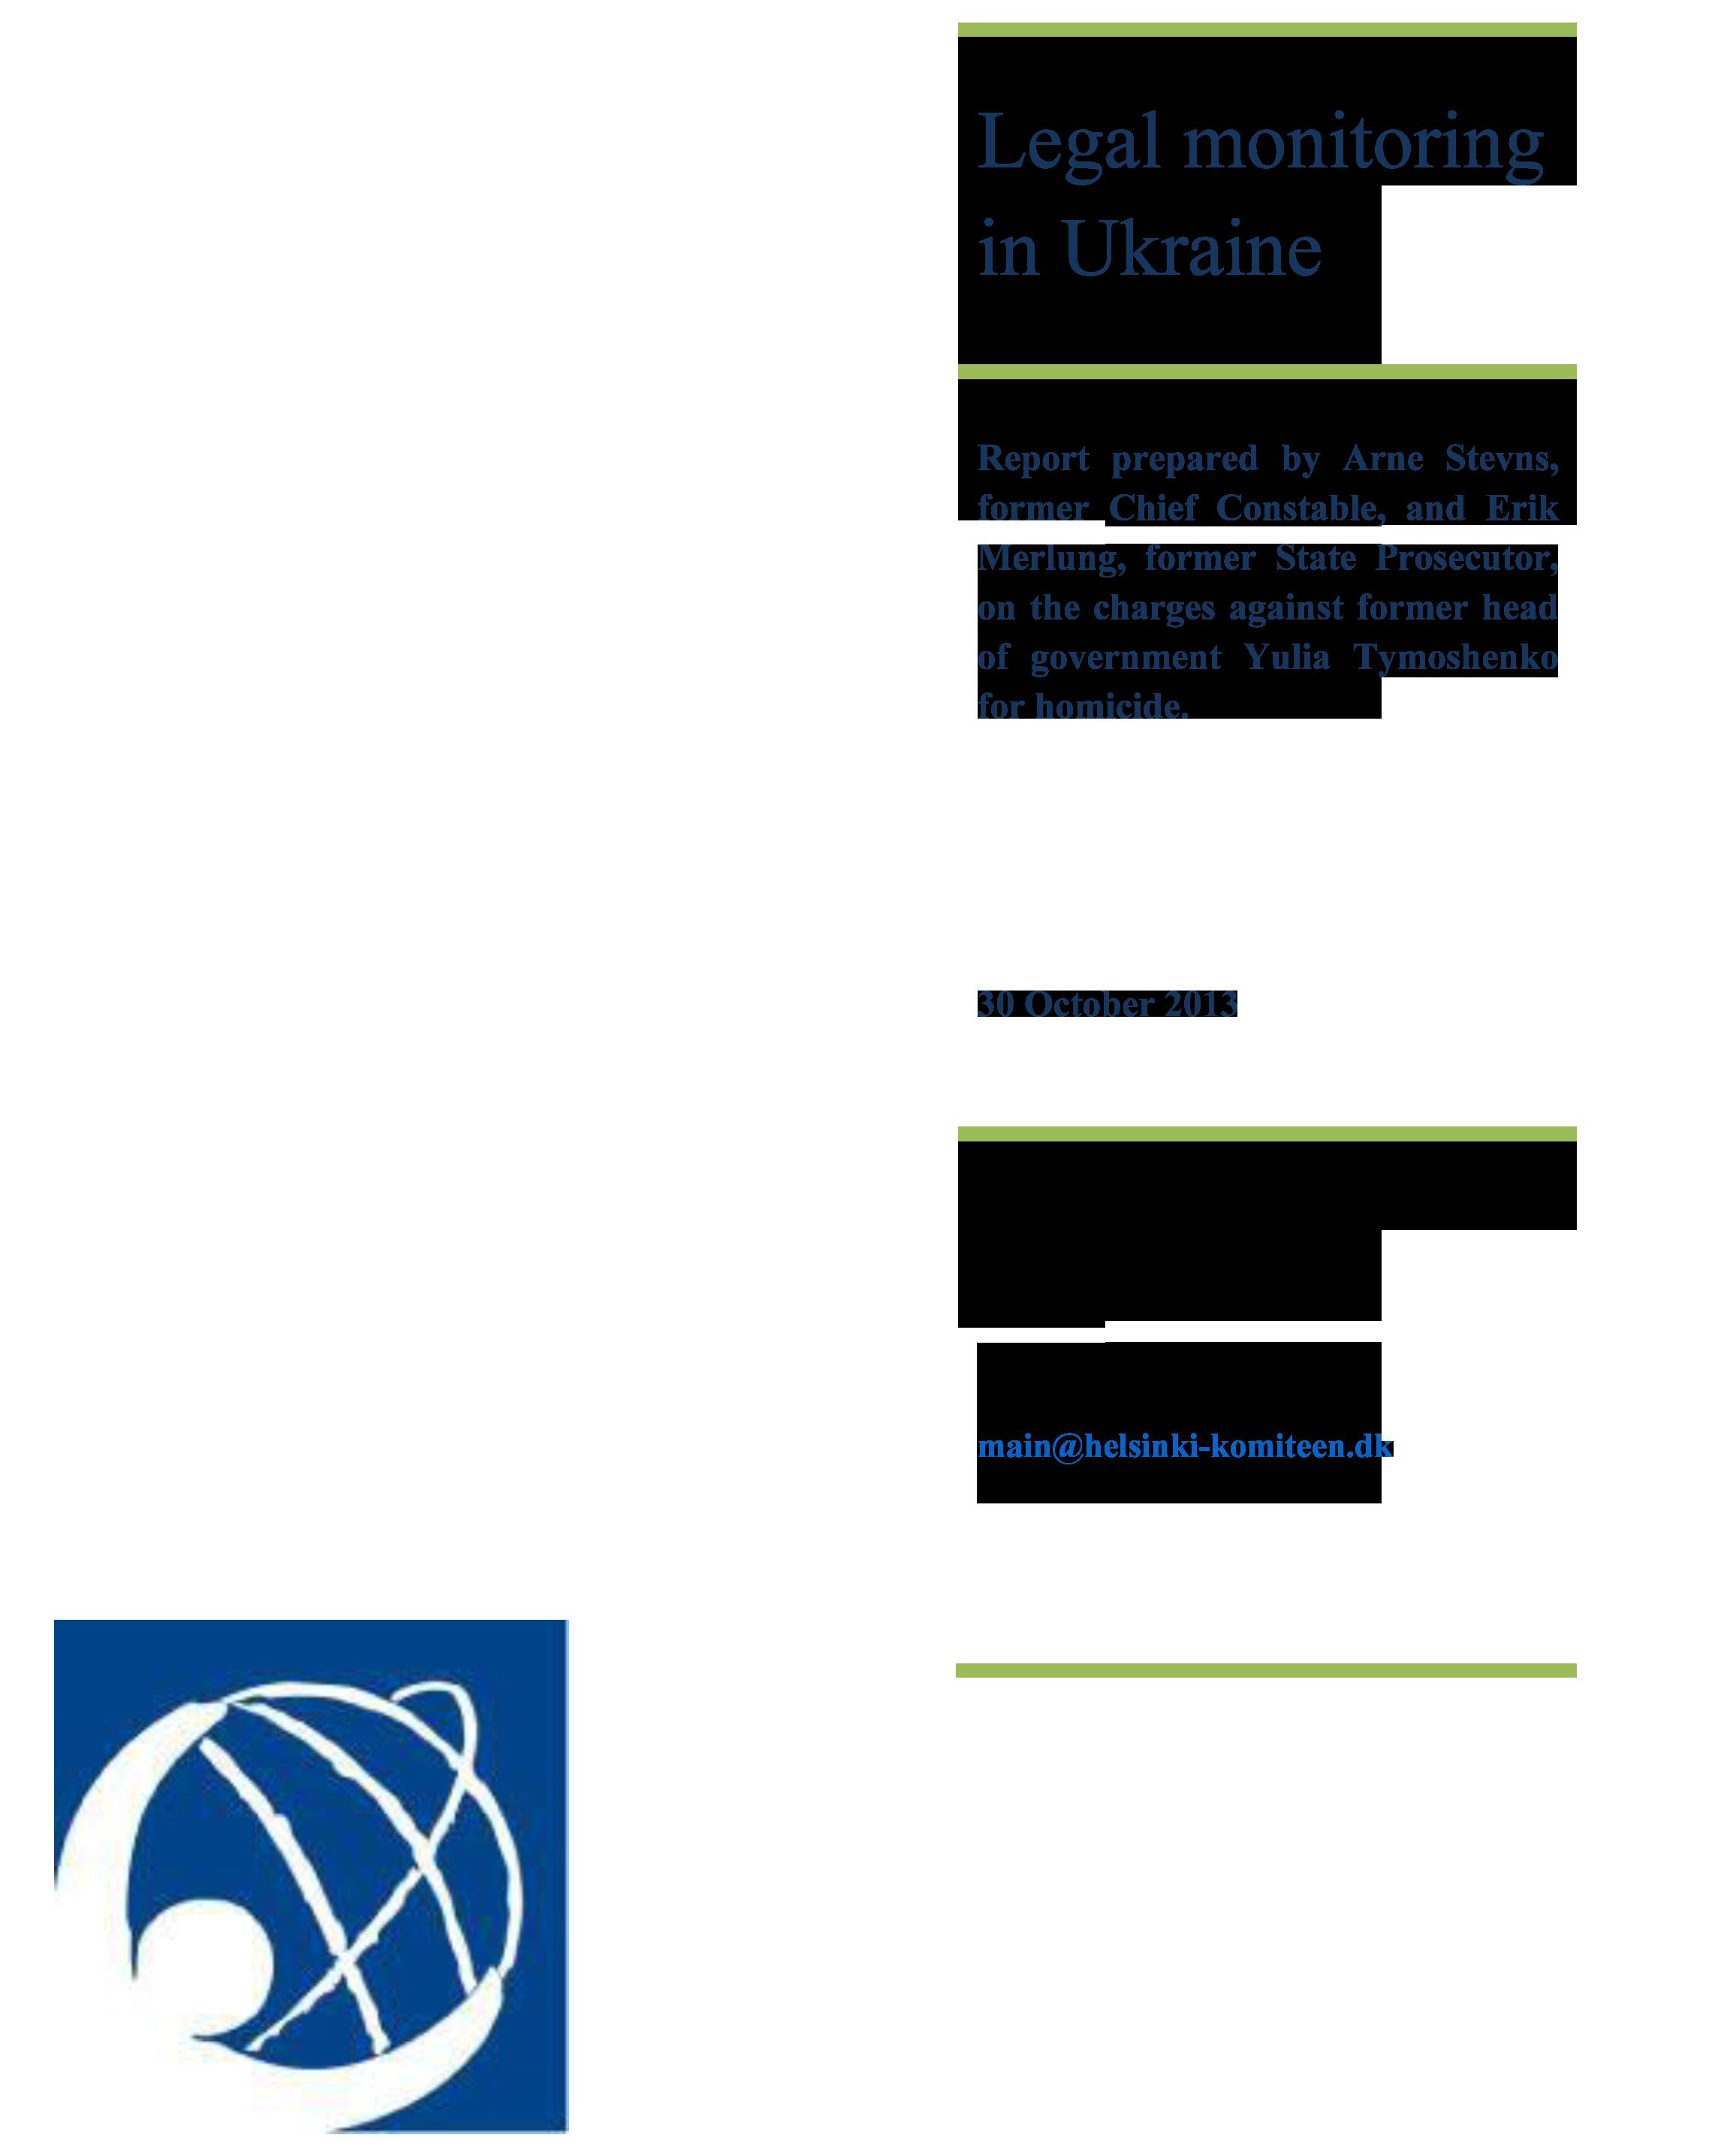 Legal Monitoring in Ukraine Oct 2013